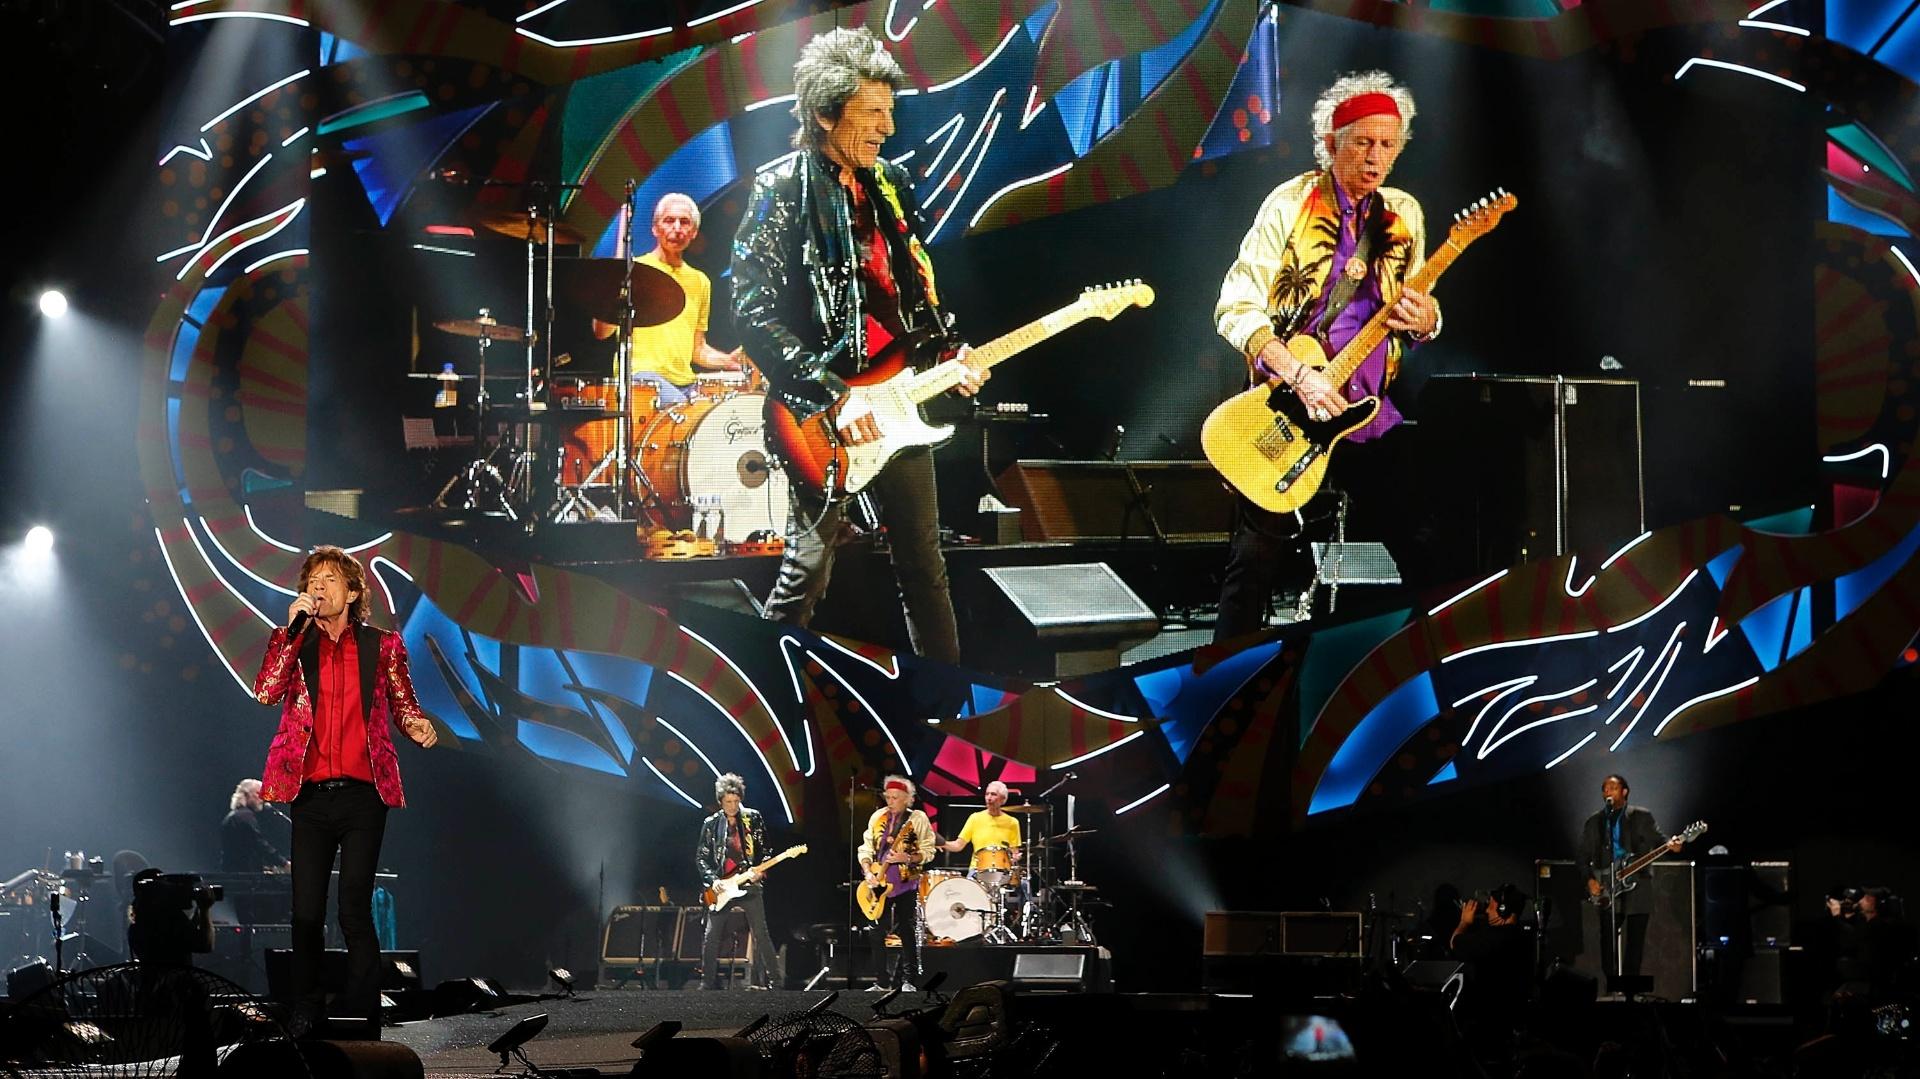 20.fev.2016 - Mick Jagger e sua banda Rolling Stones se apresentam no estádio do Maracanã, no Rio de Janeiro, neste sábado